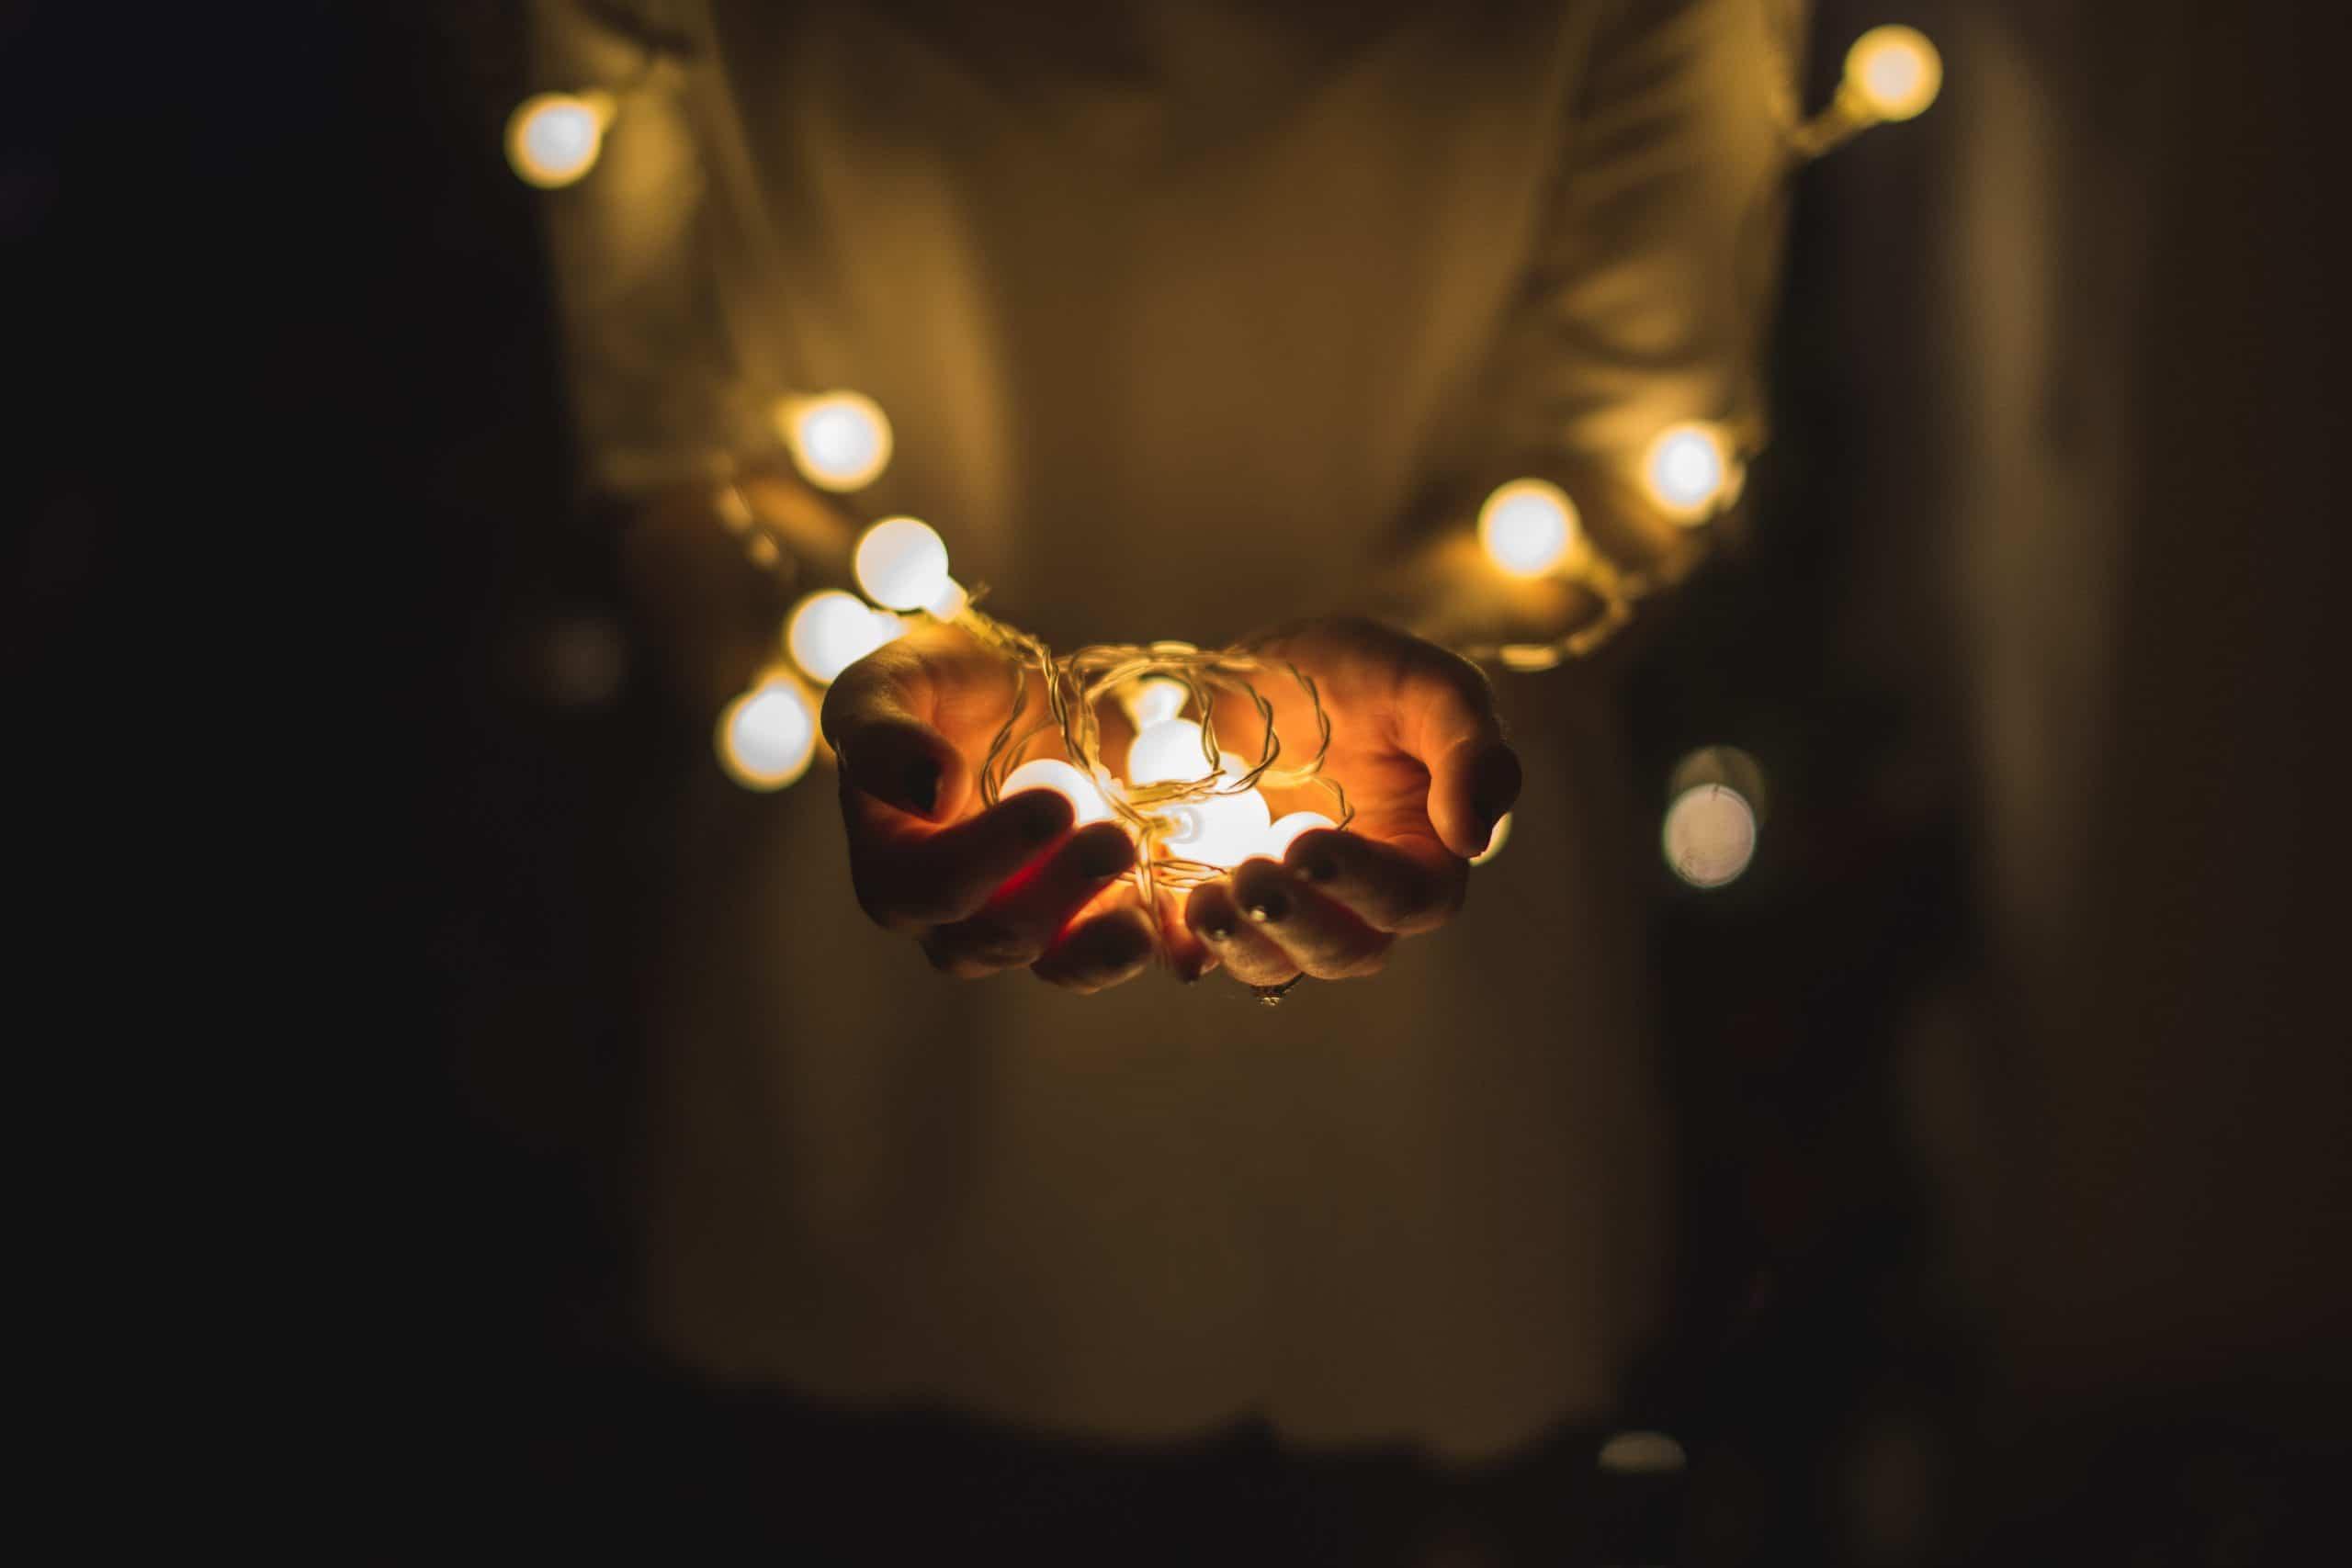 Mão segurando bolinhas de luzes